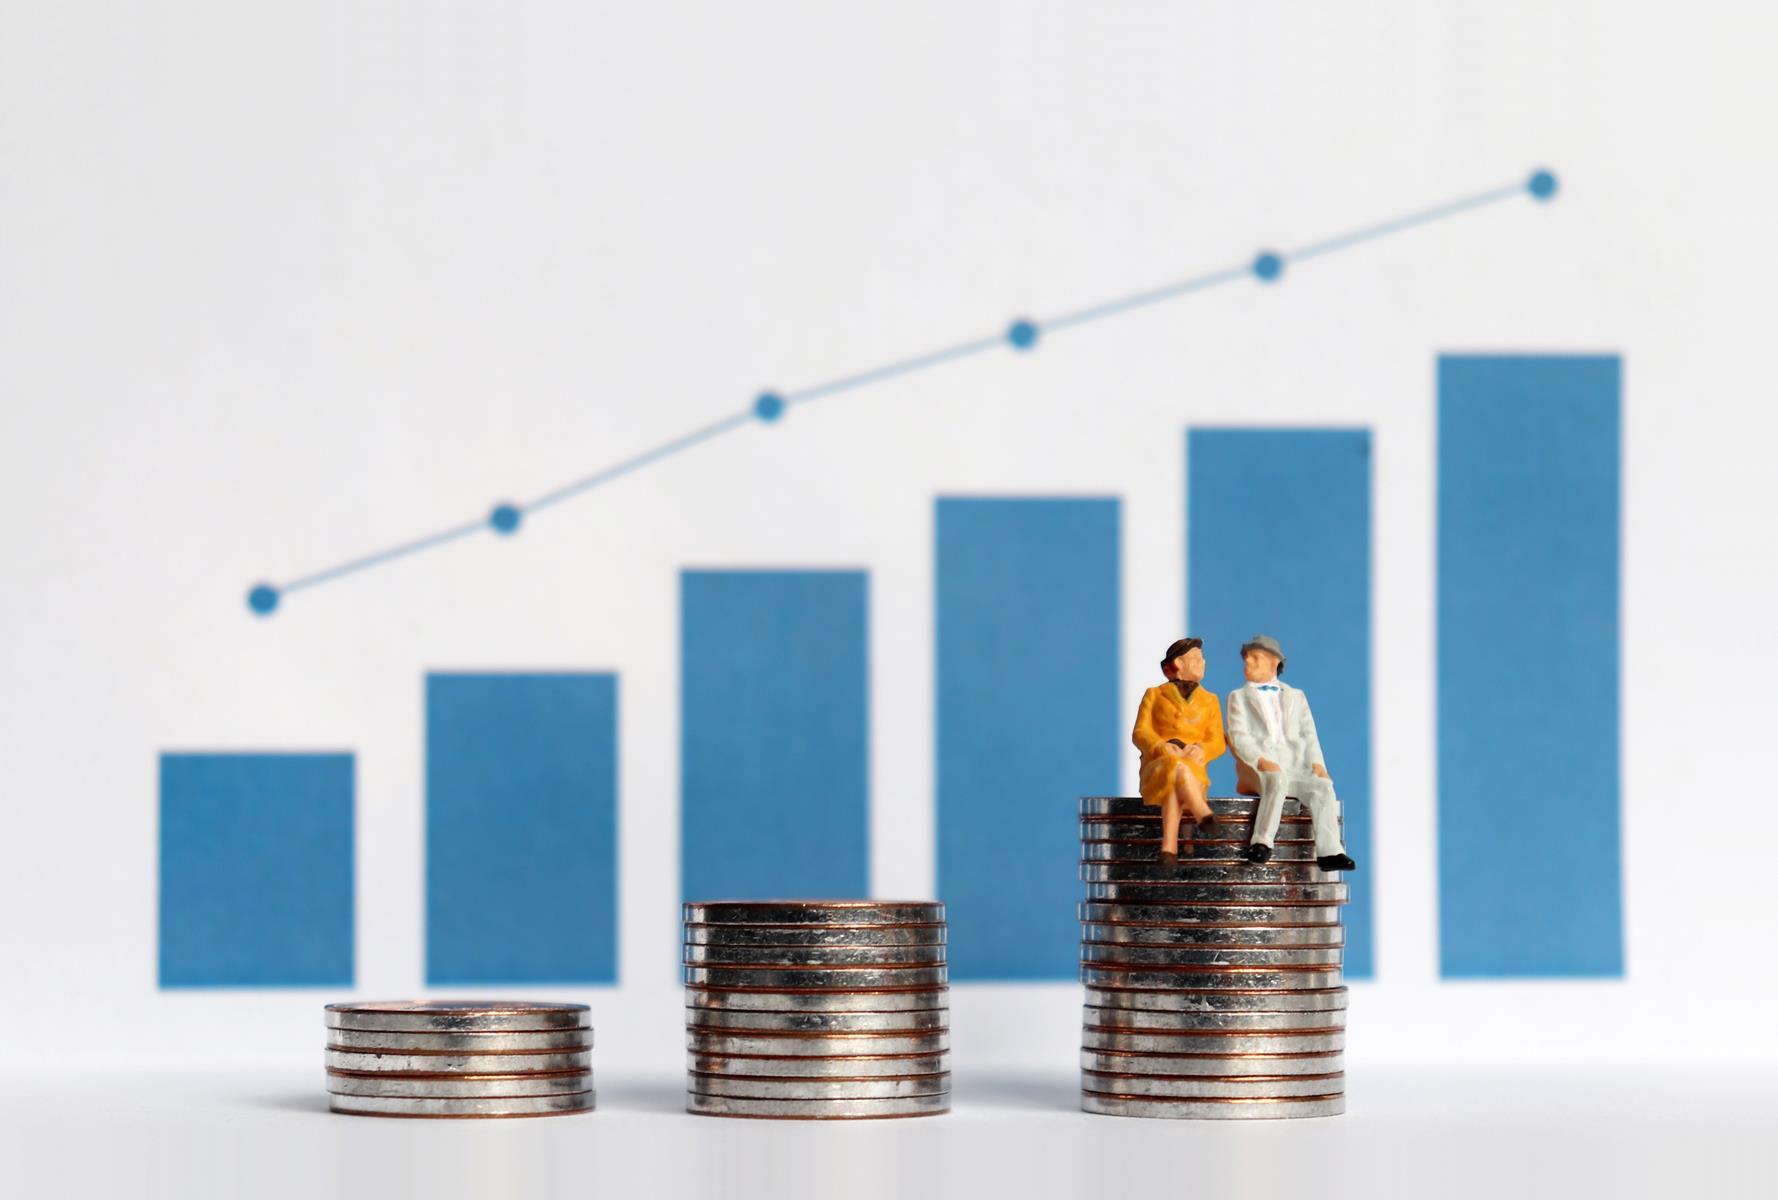 pracownicze plany kapitałowe ustawa 2019 2020